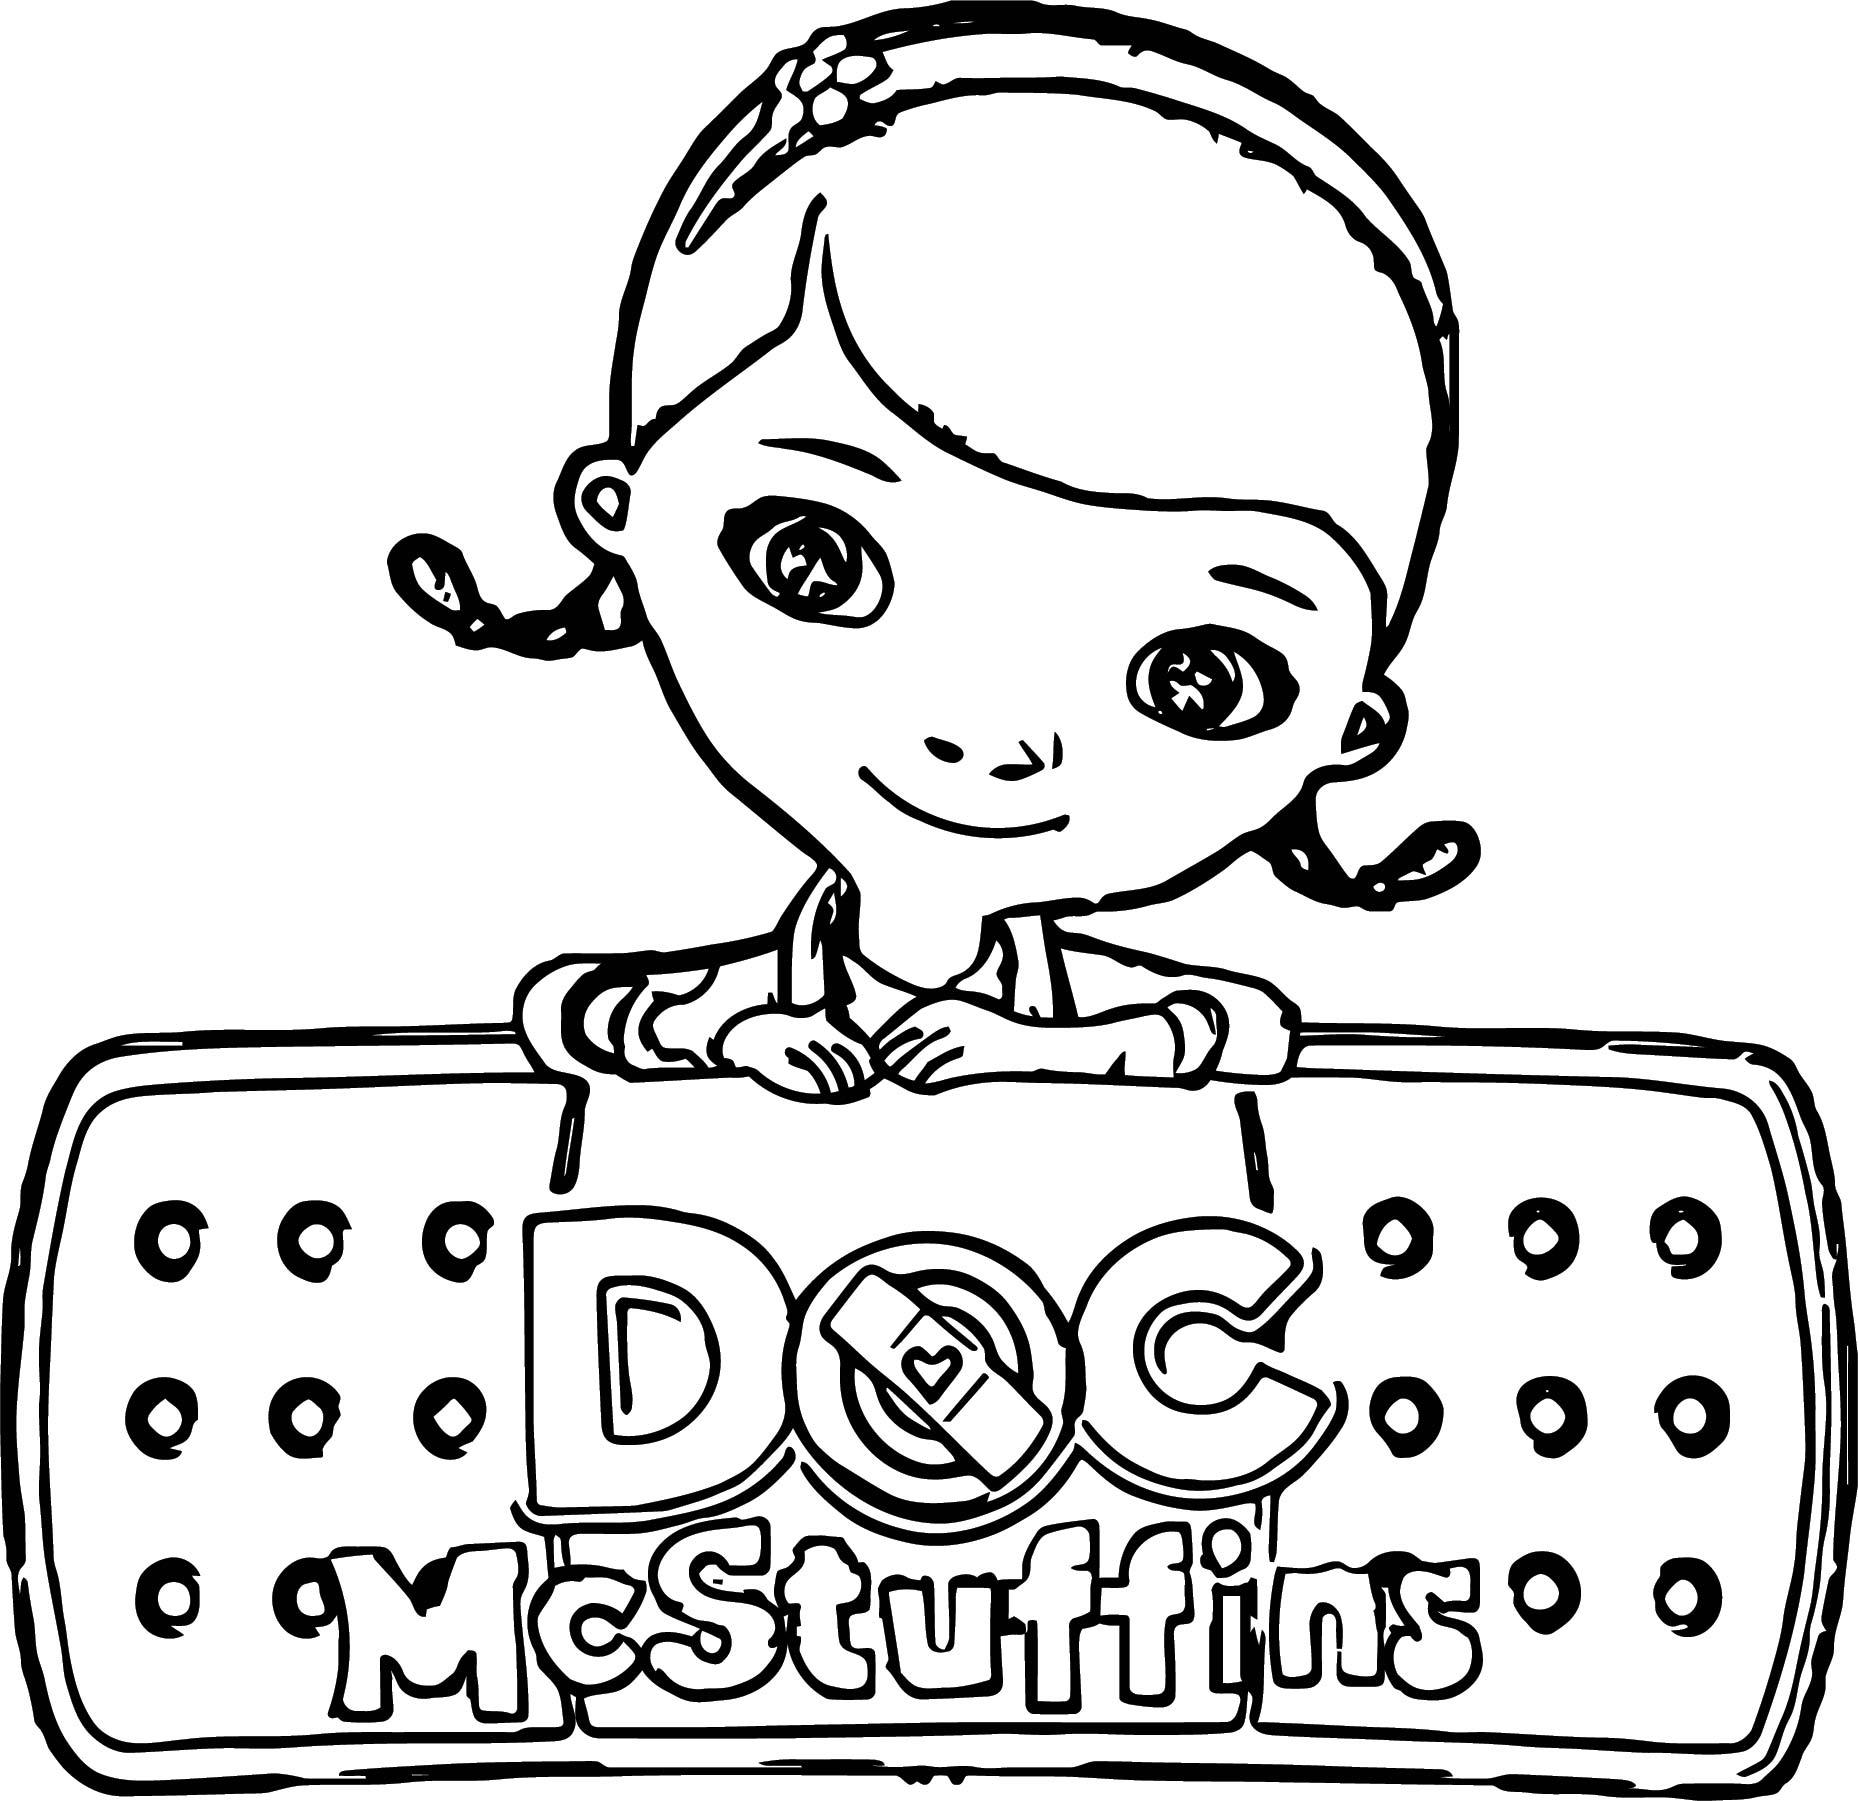 Doc Mcstuffins Coloring Page 4 | Wecoloringpage.com